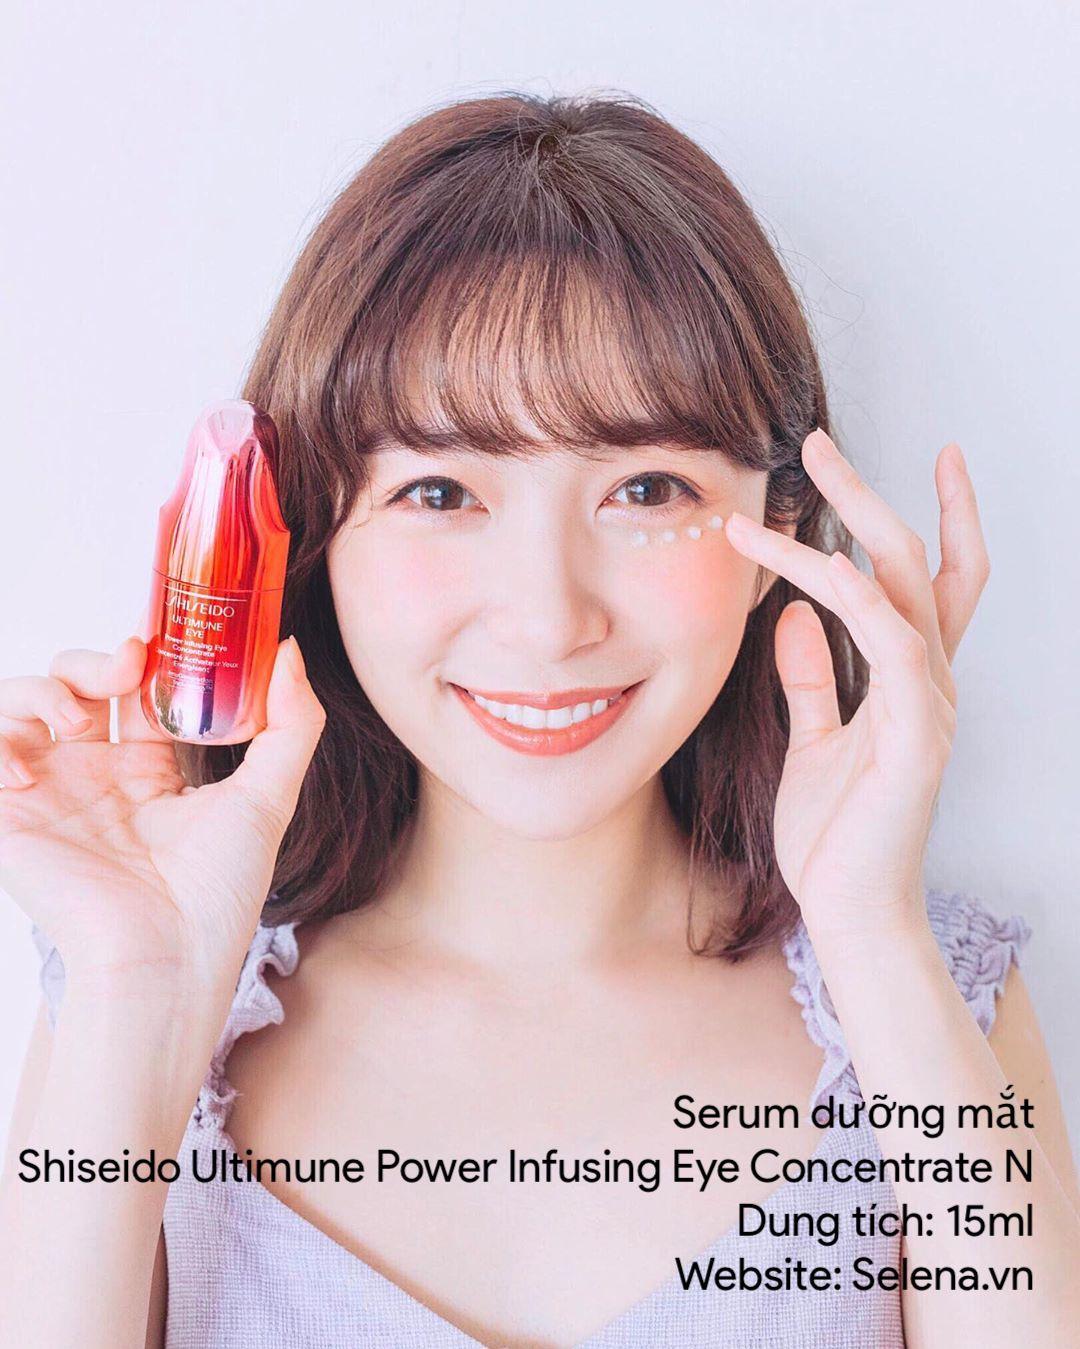 Serum Mắt Shiseido , Kem Trị Thâm Quầng Mắt Nào Tốt , Kem Trị Bọng Mắt Nào Tốt , Kem Chống Nhăn Mắt Tốt Nhất , Kem Trị Thâm Quầng Mắt Tốt Nhất , Kem Dưỡng Da Vùng Mắt Nào Tốt , Kem Dưỡng Mắt Tốt , Kem Trị Nhăn Vùng Mắt Nào Tốt , Kem Dưỡng Mắt Tốt Nhất , Kem Trị Bọng Mắt Hiệu Quả , Kem Trị Thâm Quầng Mắt , Kem Dưỡng Mắt Chống Nhăn Nào Tốt